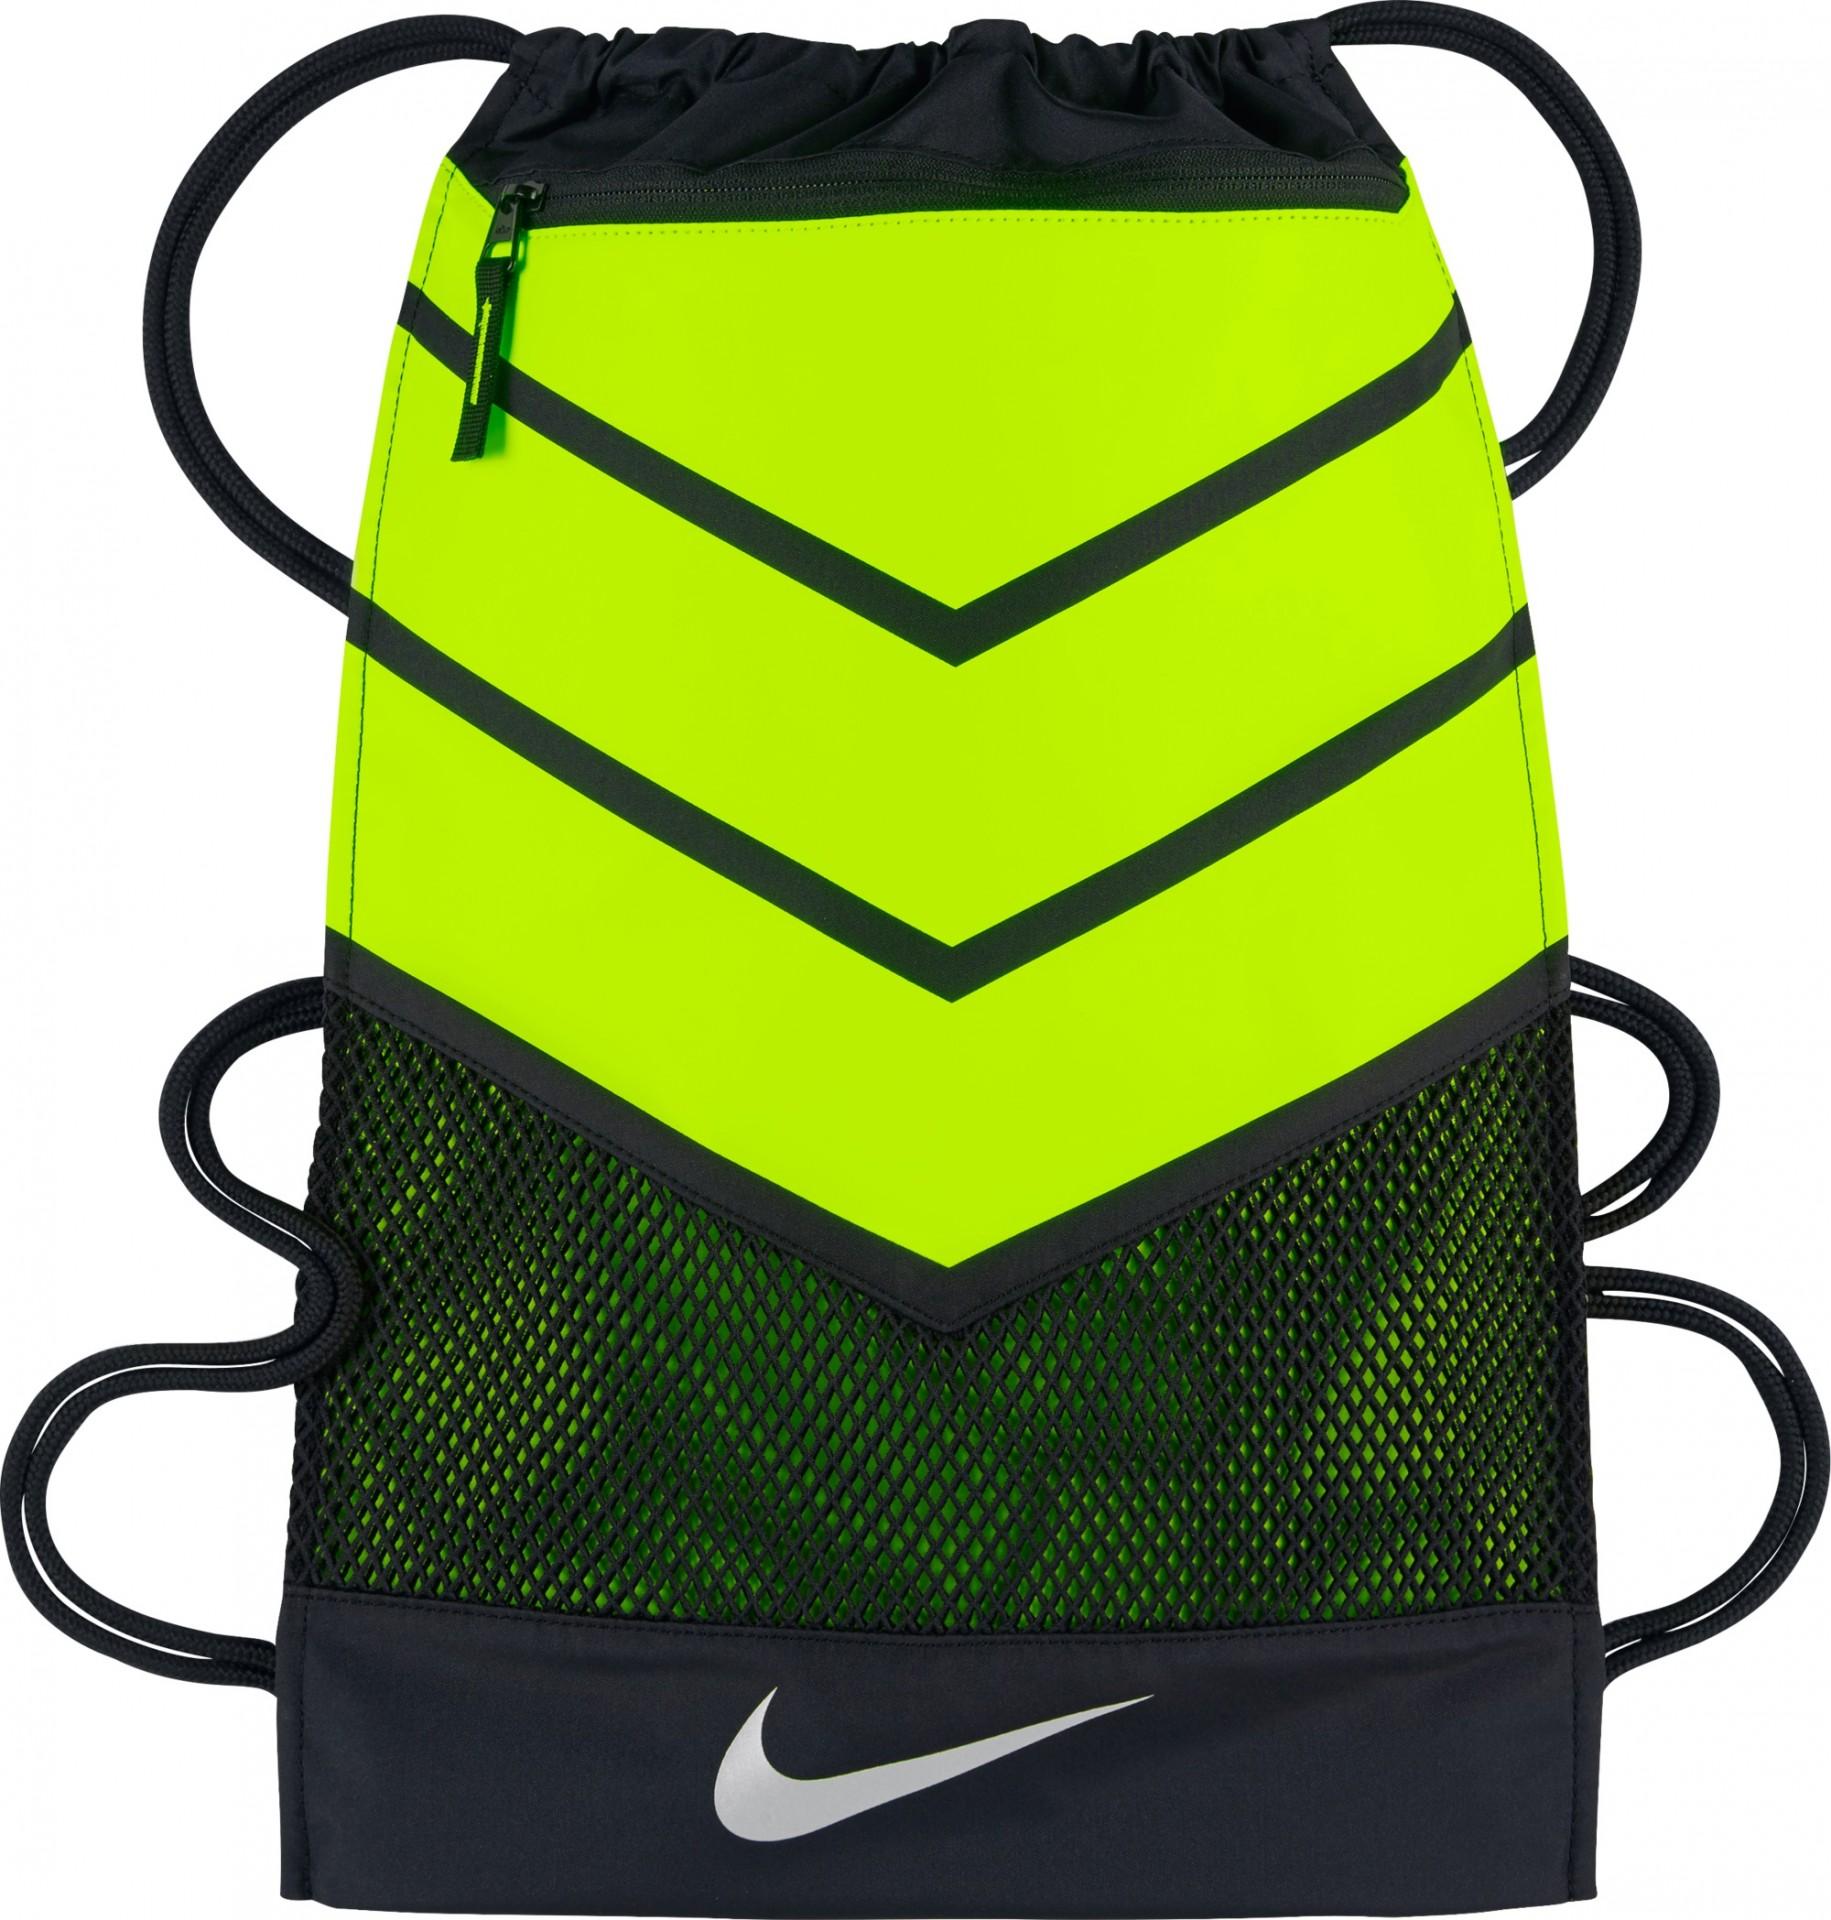 5f2796371cf Nike GymSack Nike Vapor 2.0 - batůžek - neonově žlutý - černý BA5250-010